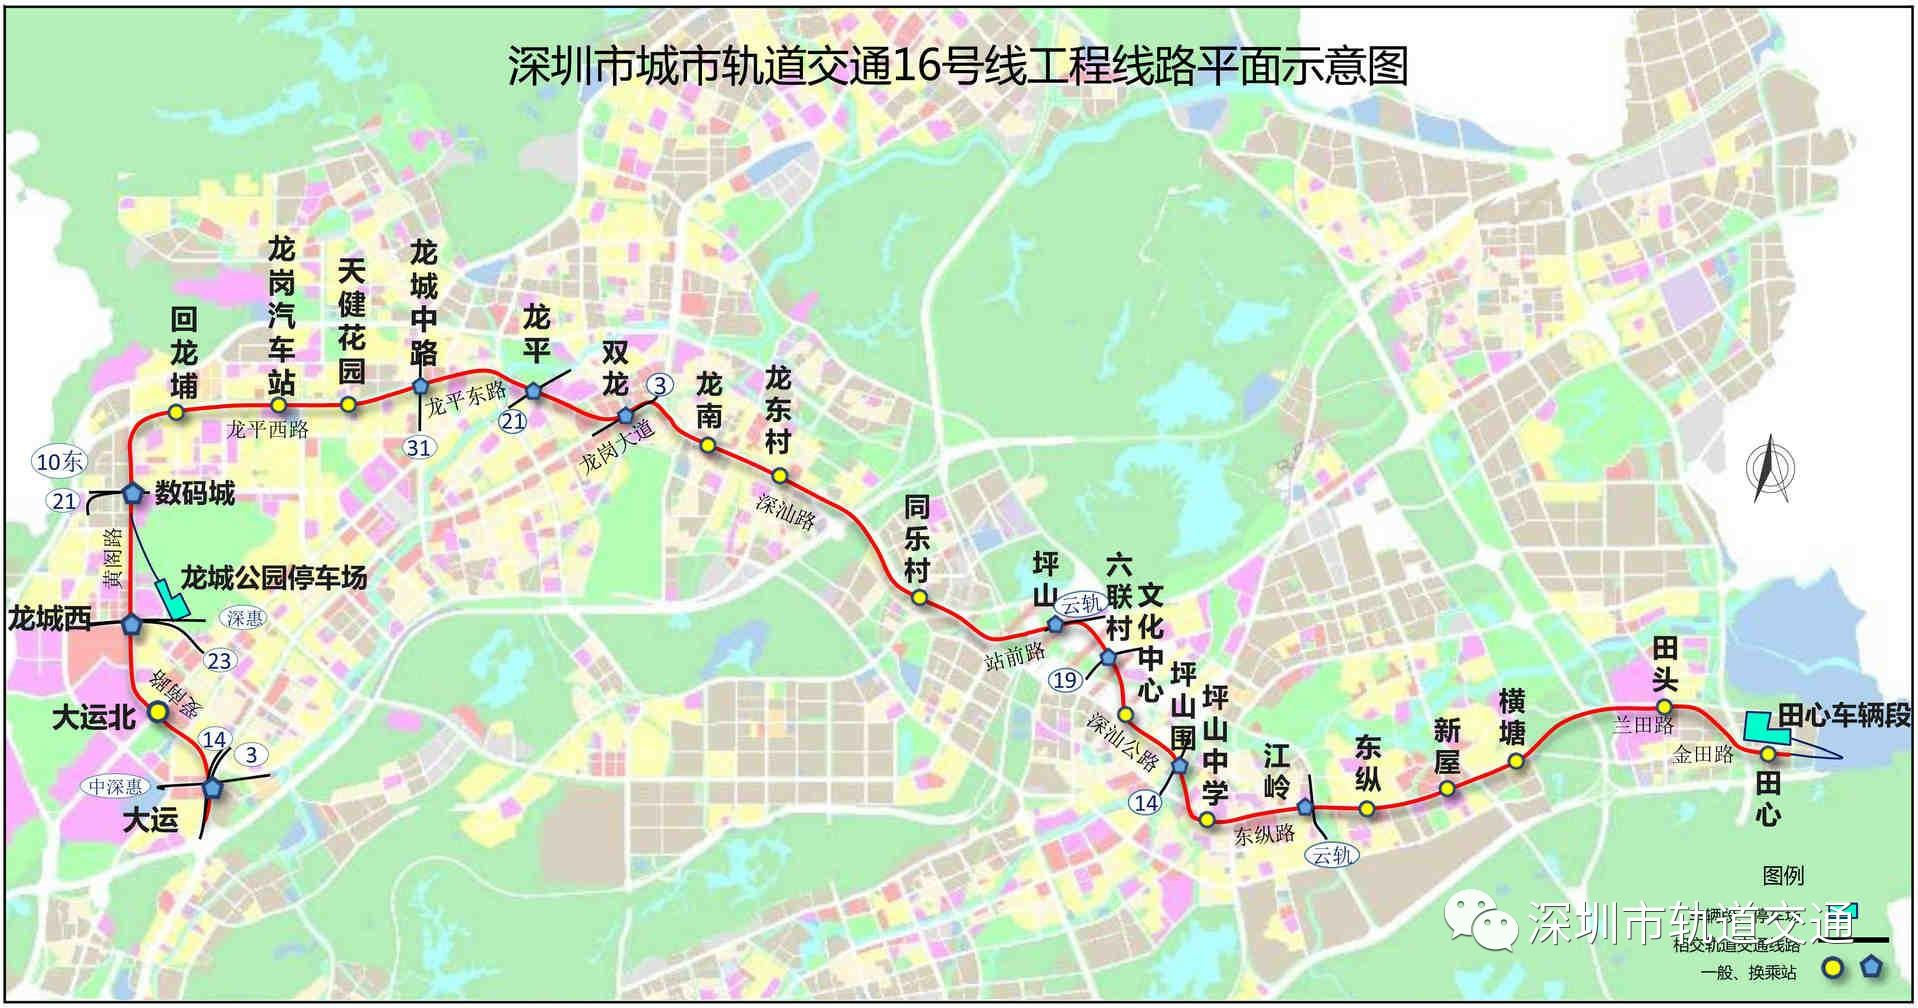 广州地铁16,21号线vs深圳地铁14,16号线,哪个直通惠州图片